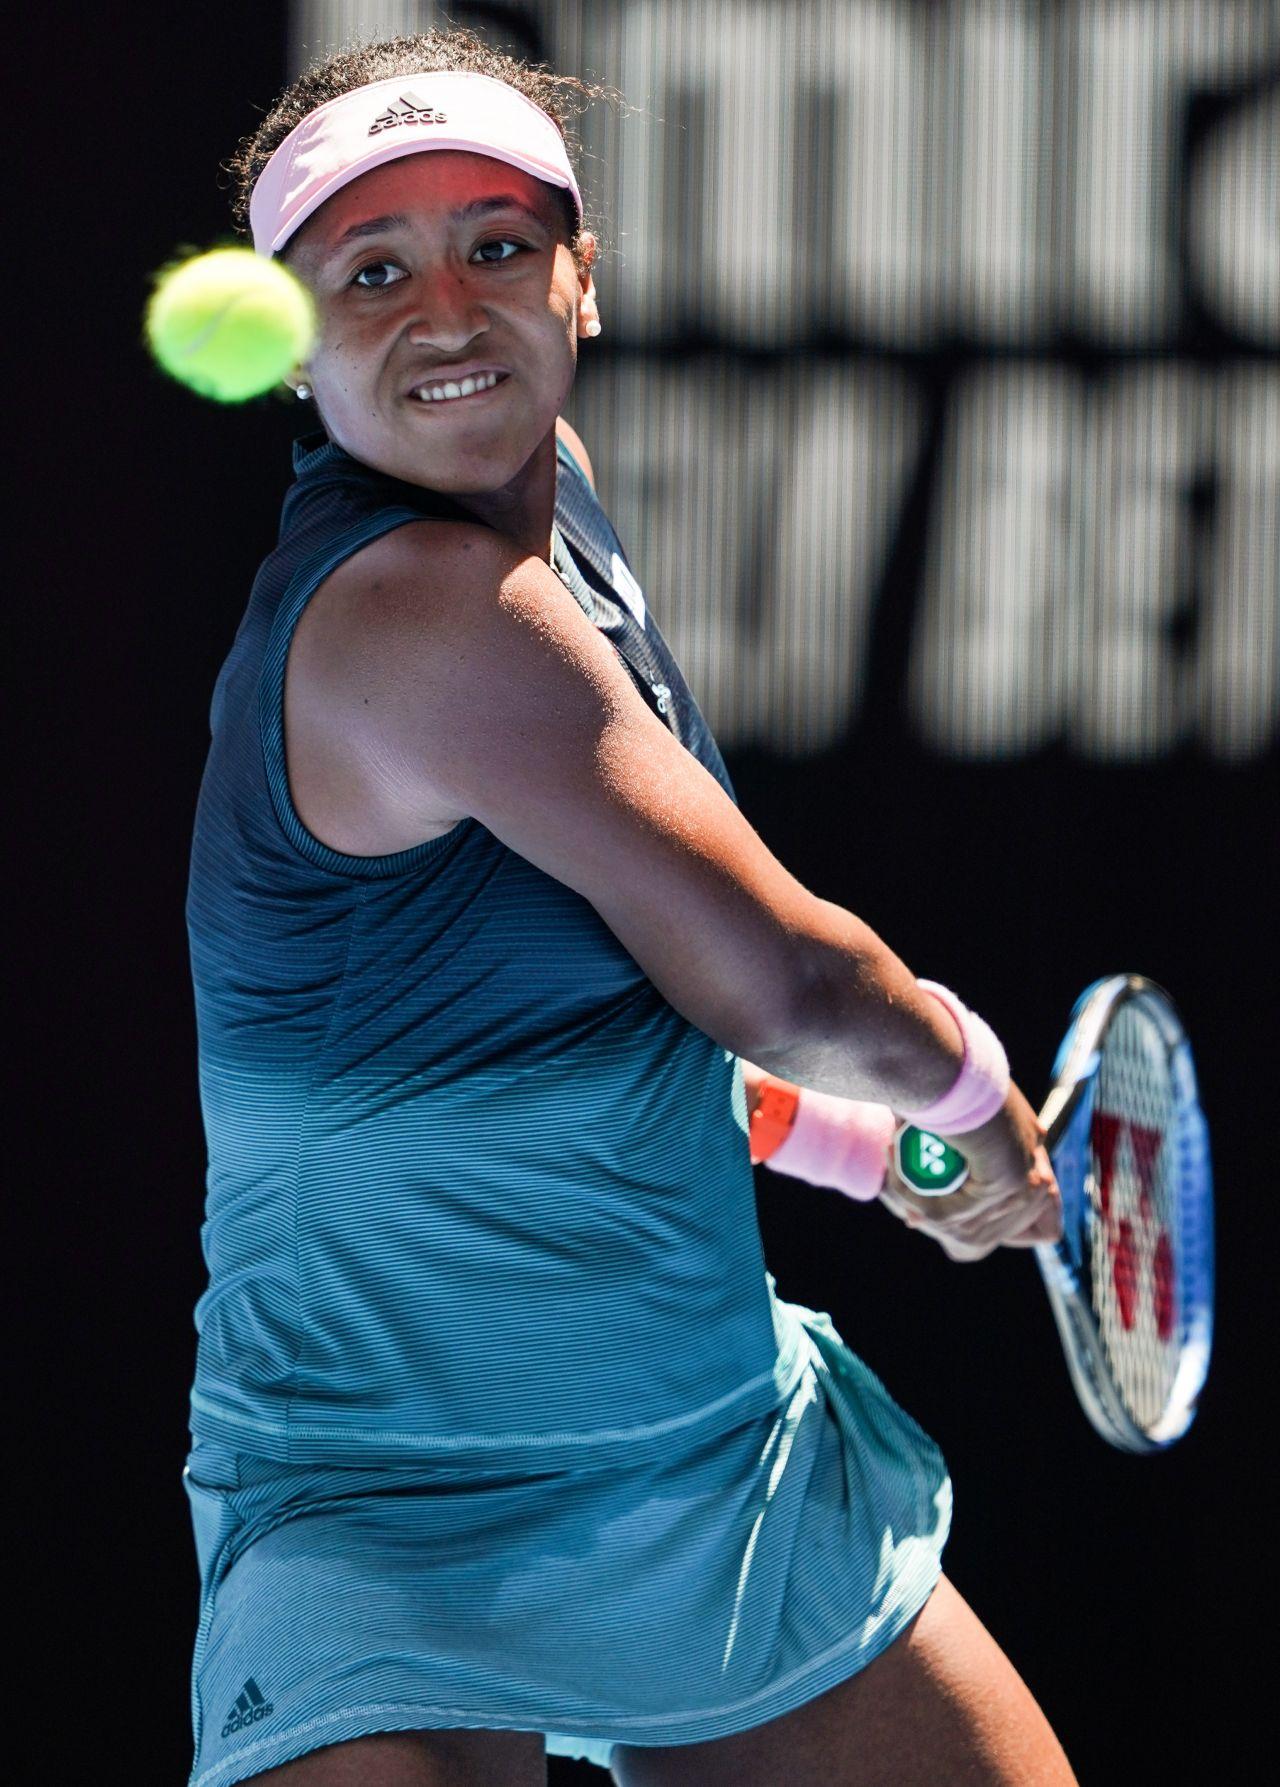 Naomi Osaka - Australian Open 01/21/2019